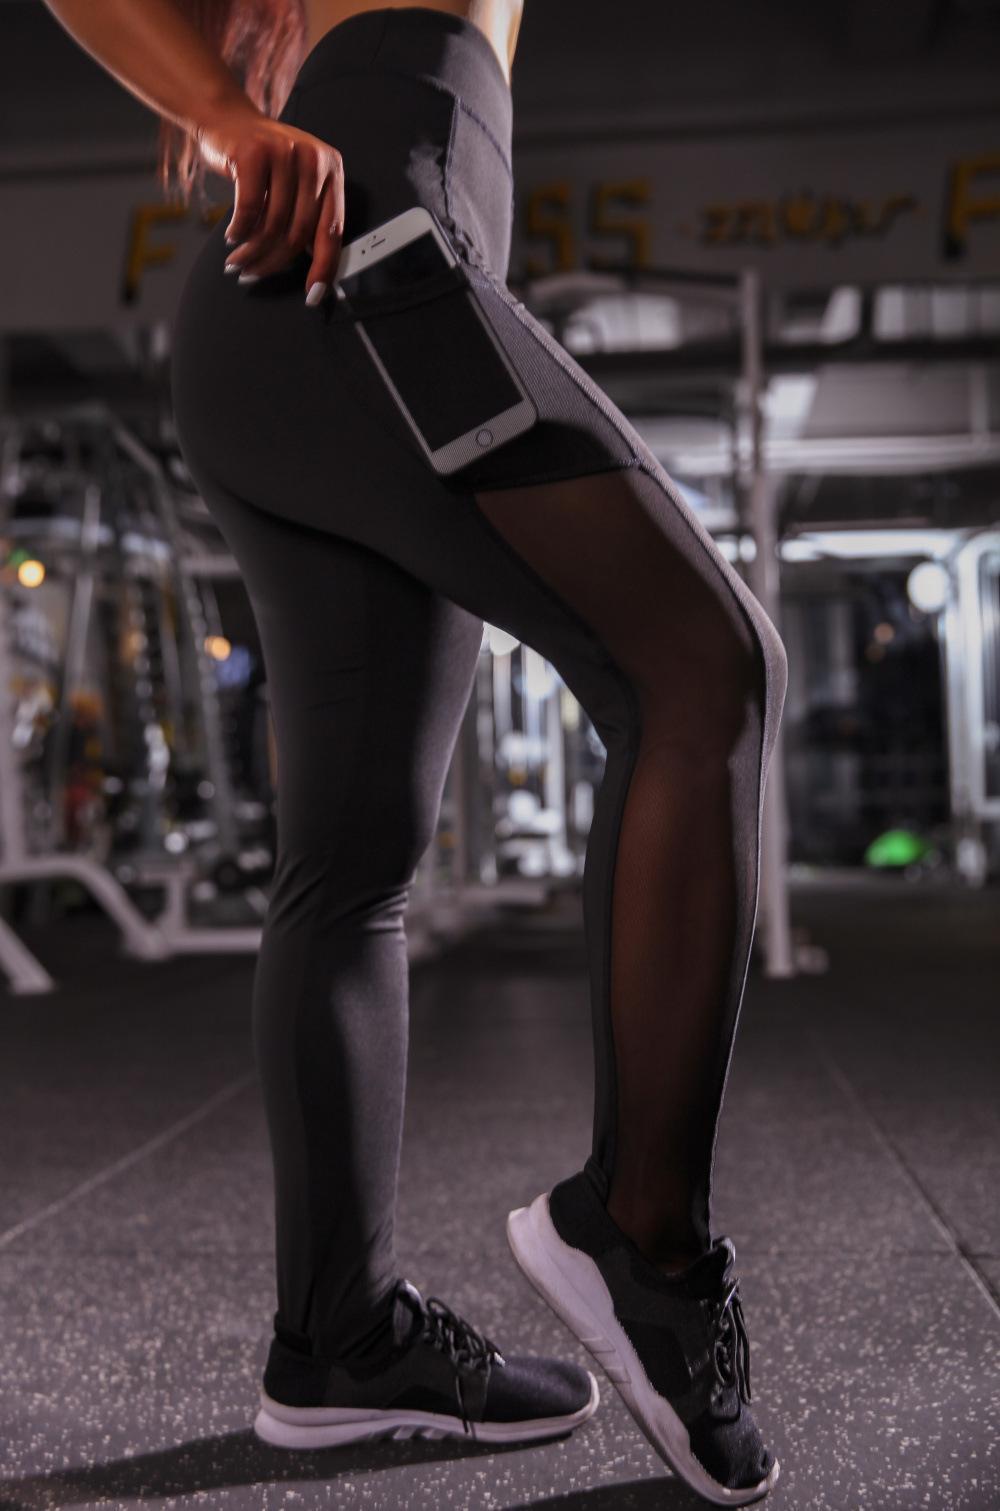 Femmes Designer Fashion Side Pocket Yoga Pantalons longs Mesh Brochage Leggings séchage rapide en cours de remise en forme de sport Collants Pantalons 2020